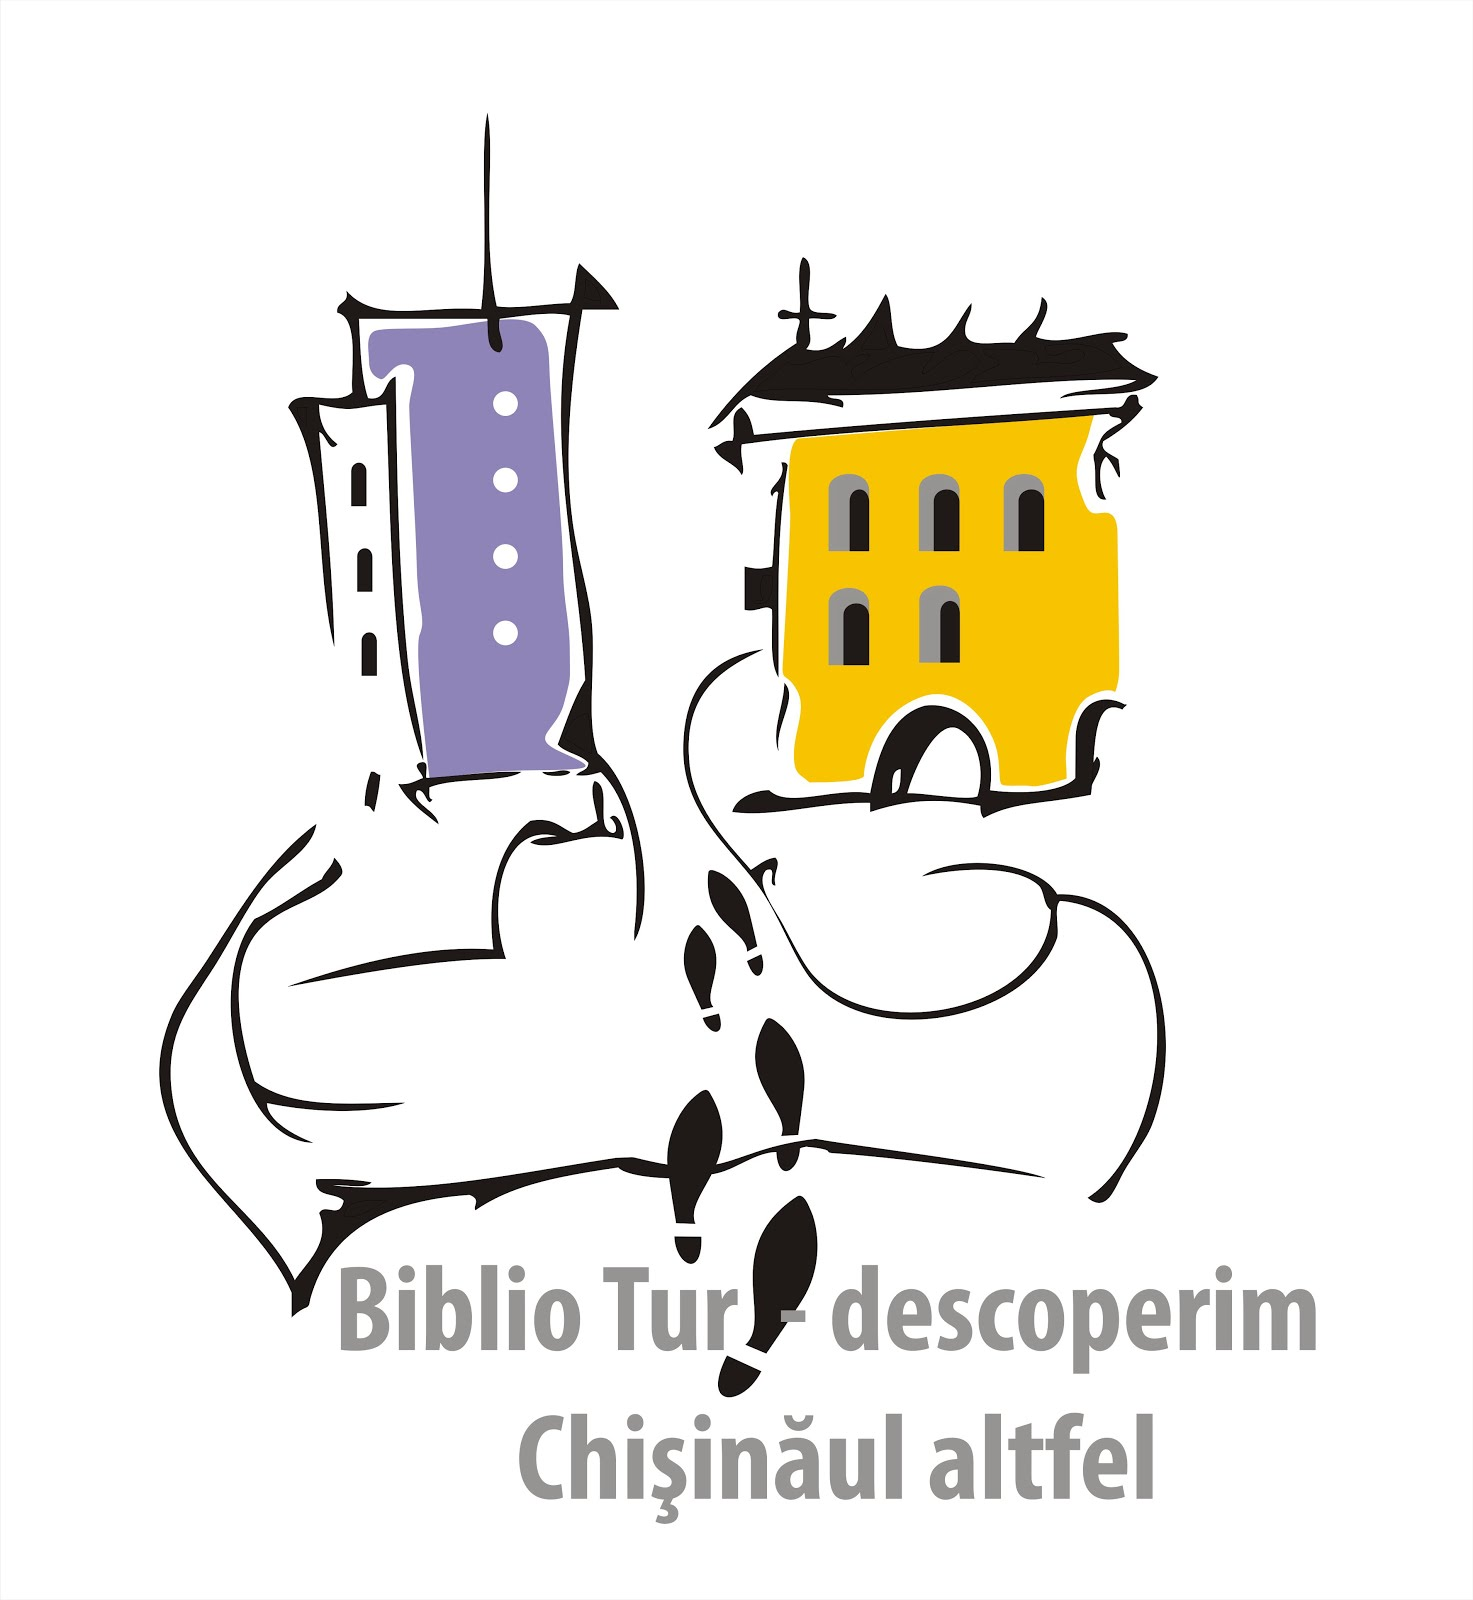 Descoperim Chișinăul altfel!